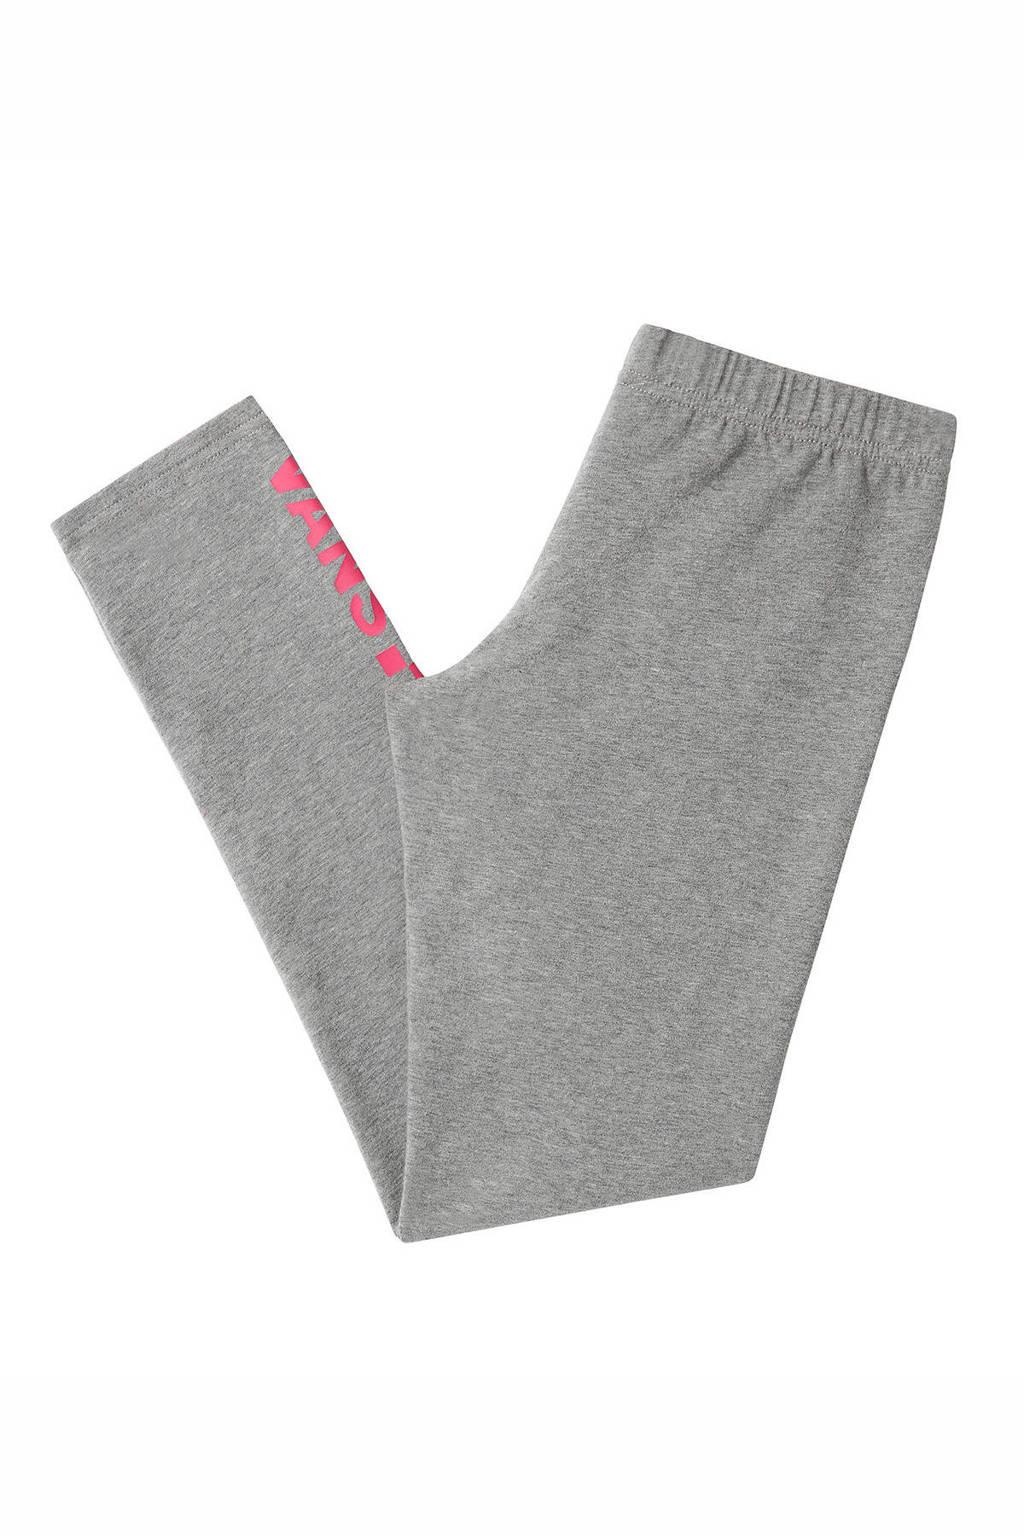 VANS legging grijs melange, Grijs melange/roze